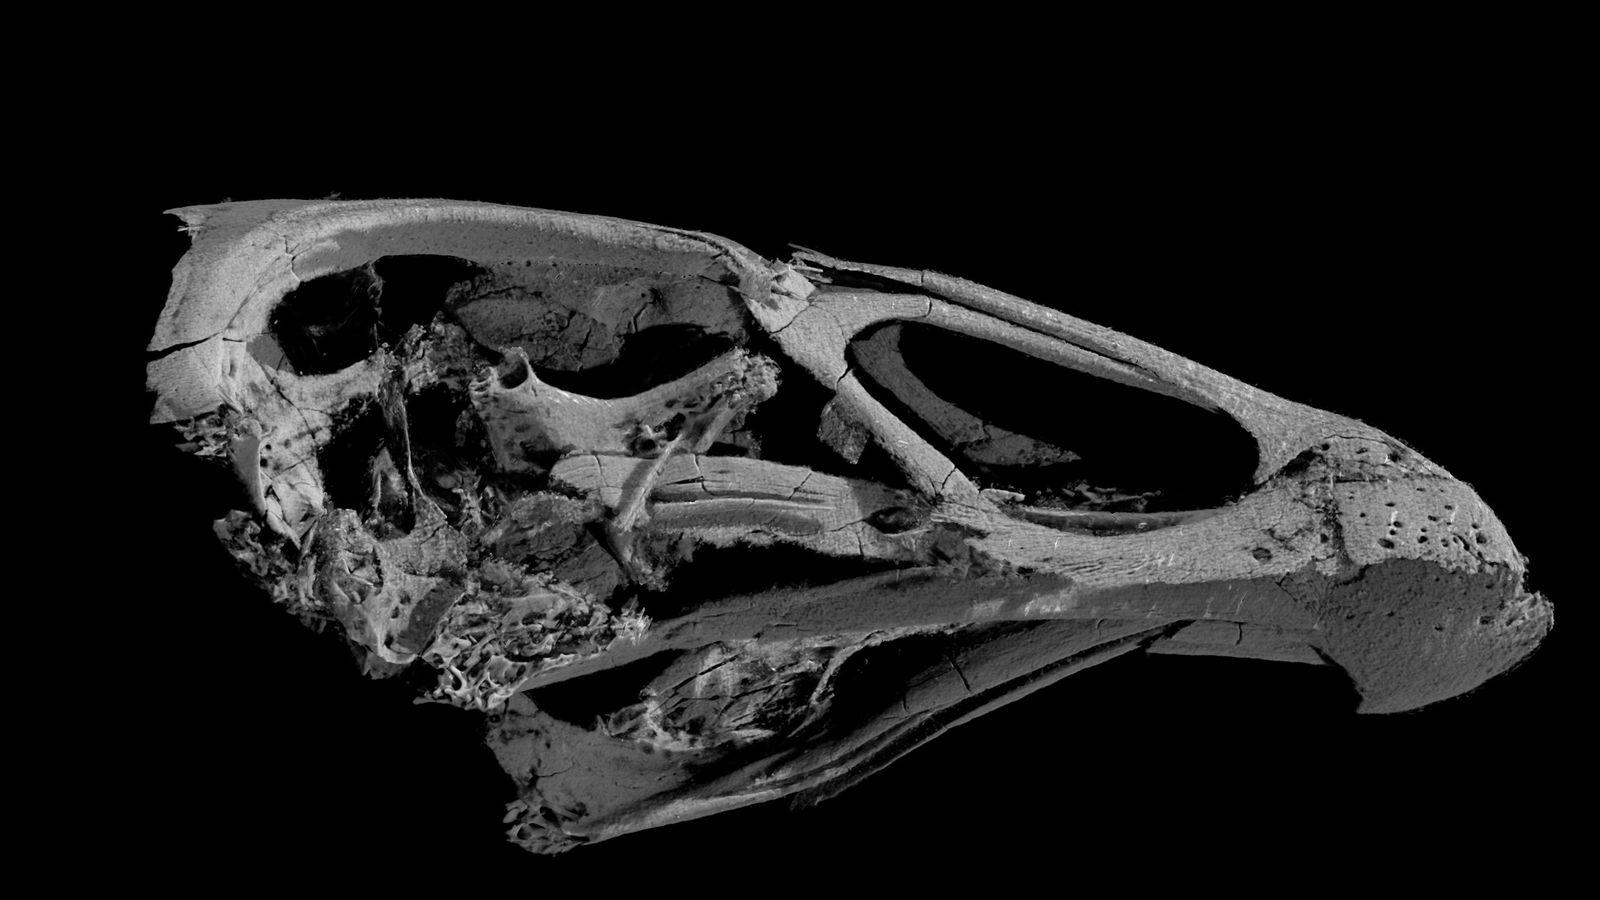 Une image en 3D du crâne de l'Asteriornis maastrichtensis, le plus ancien oiseau moderne connu.